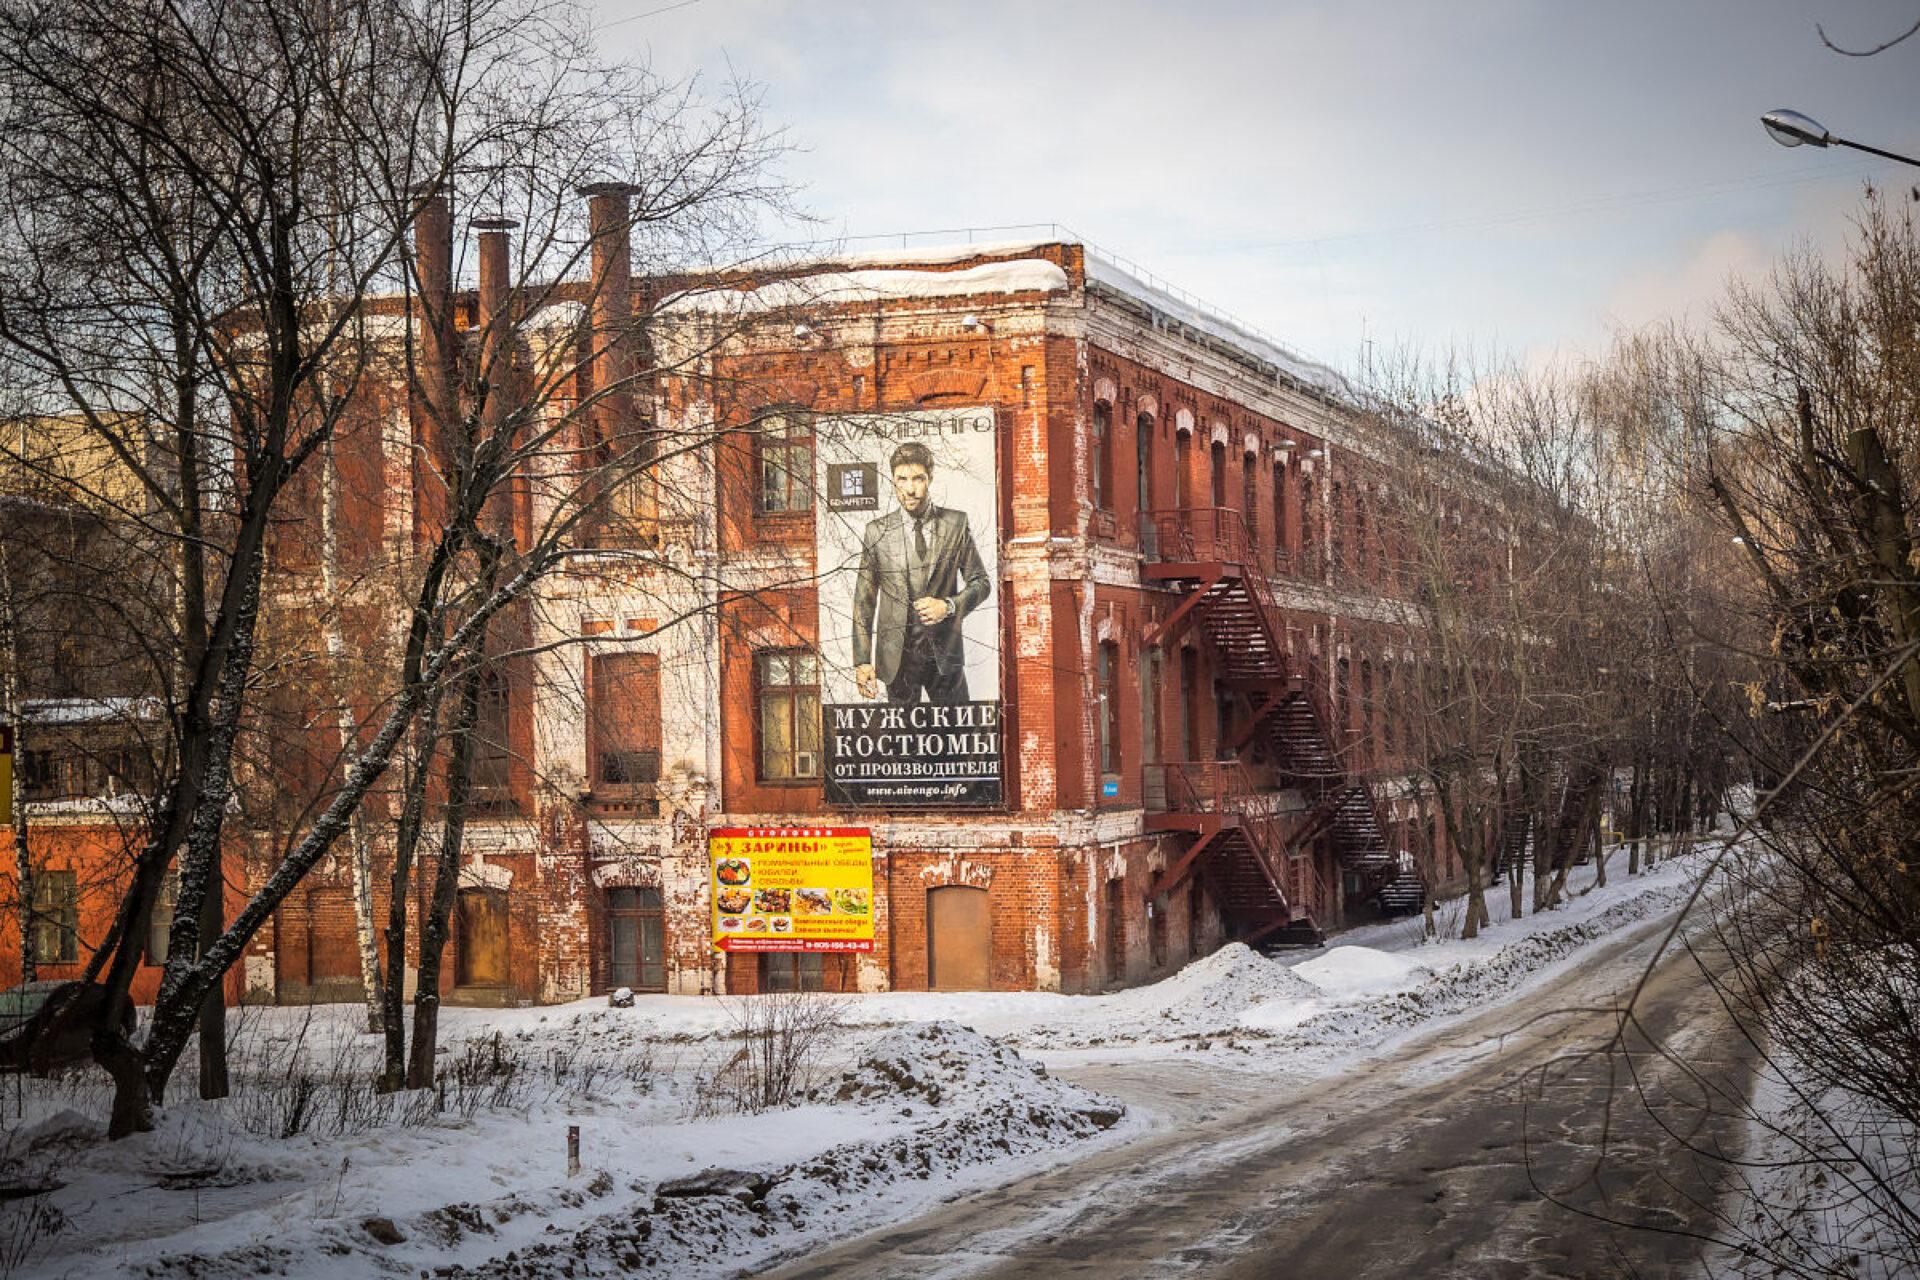 Иваново иокрестности…